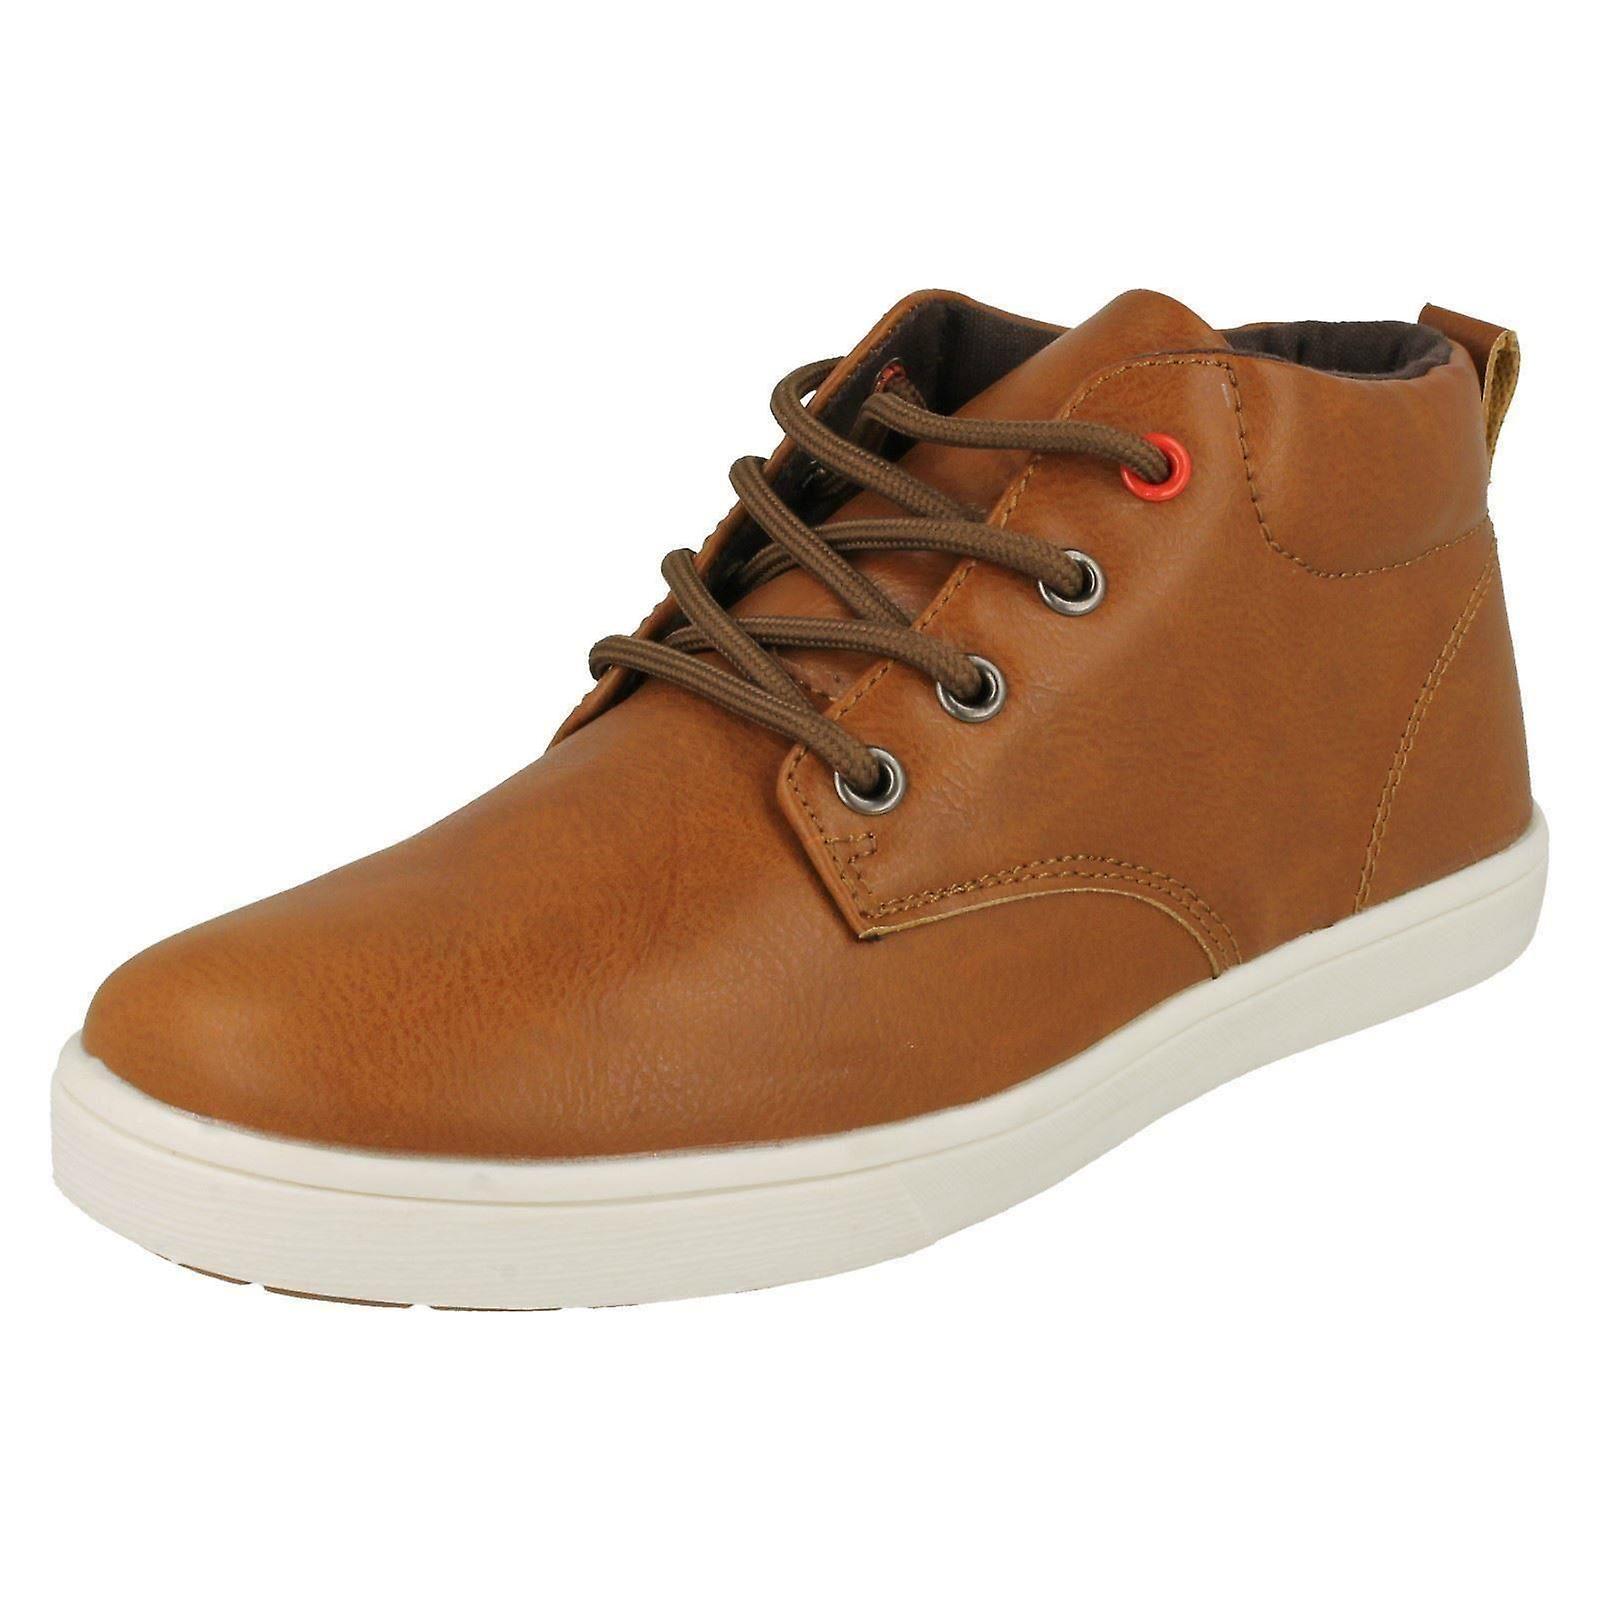 Jungen JCDees Casual Schnürschuh Schuhe N2036